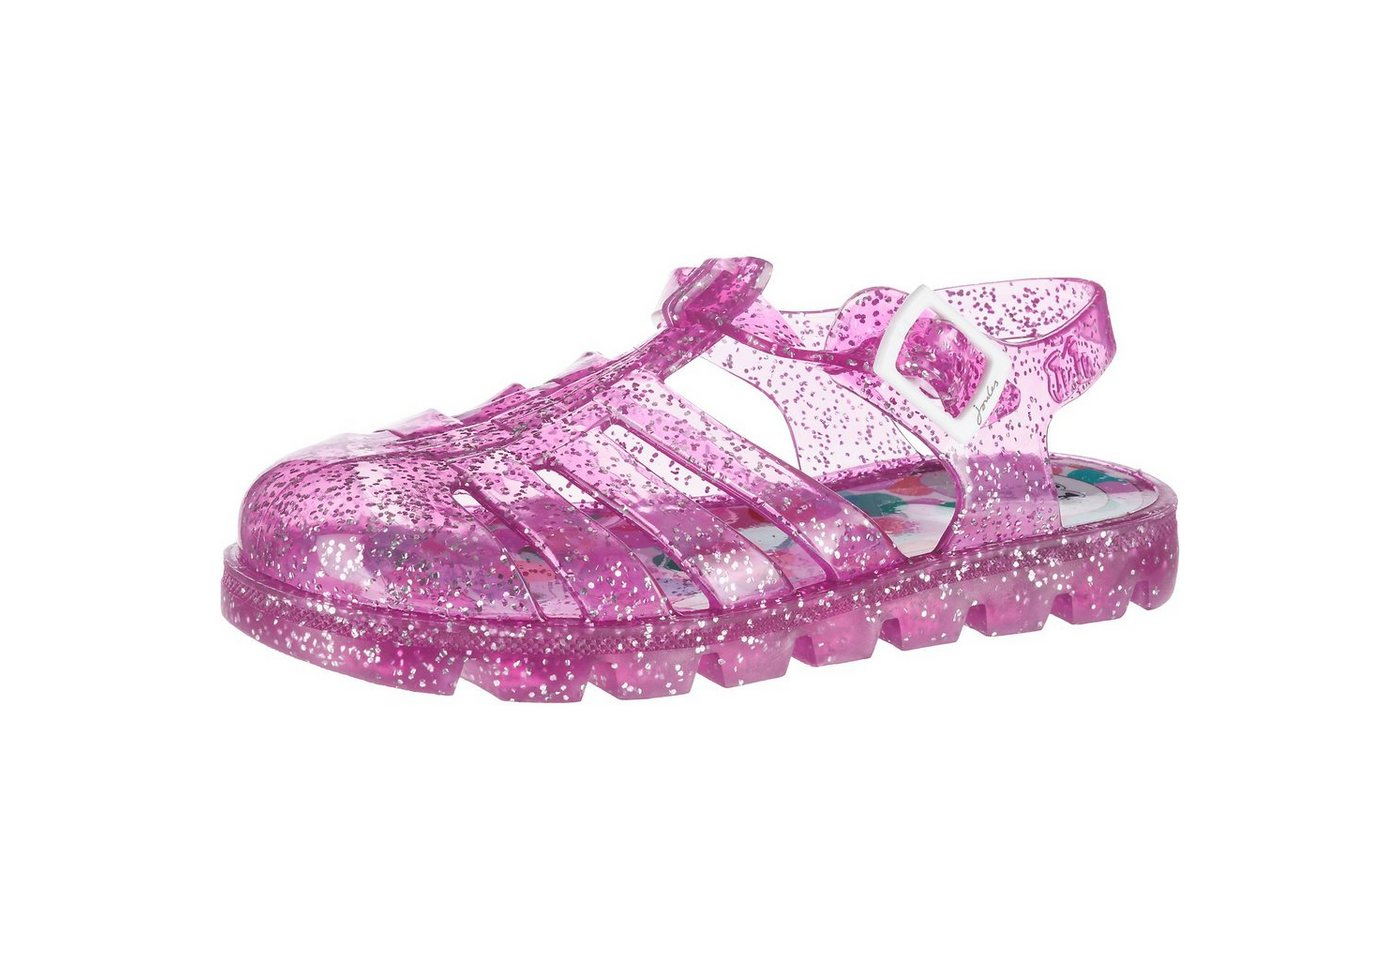 Damen,  Mädchen,  Kinder Tom Joule Badeschuhe Truly Pink für Mädchen rosa | 05057472901965